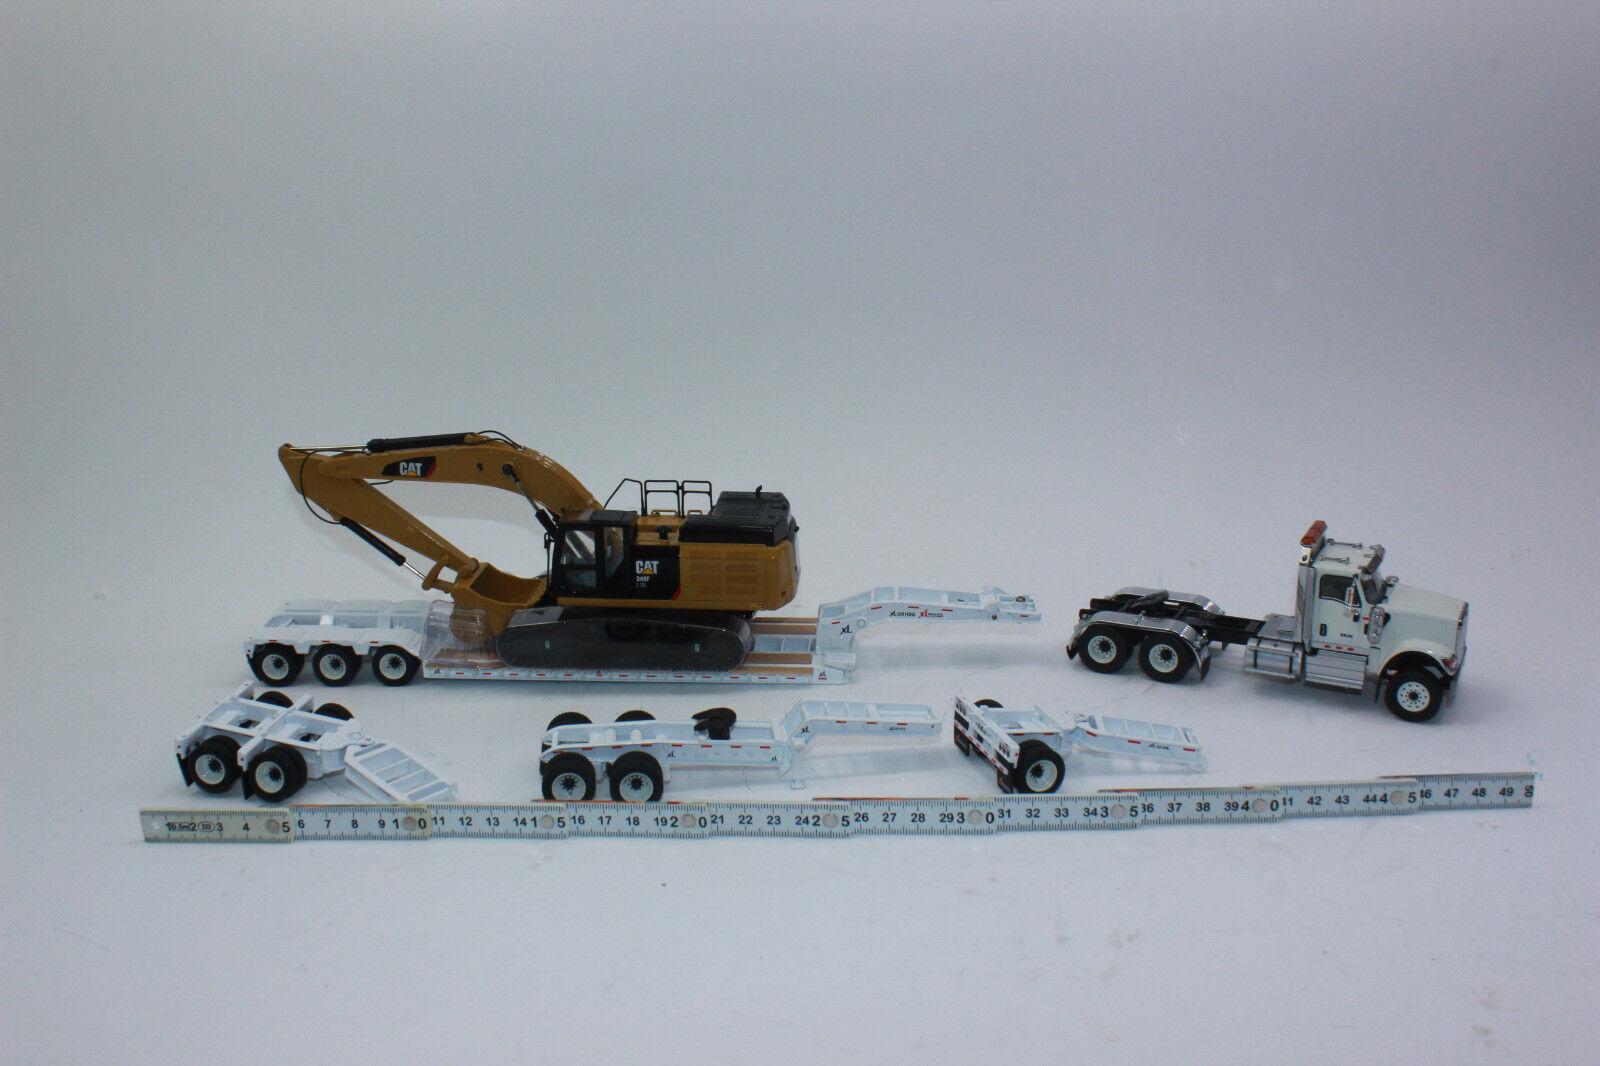 Miniature Masters 85600 hx520 tracteur  remorque  CAT 349 F 1 50 NOUVEAU dans neuf dans sa boîte